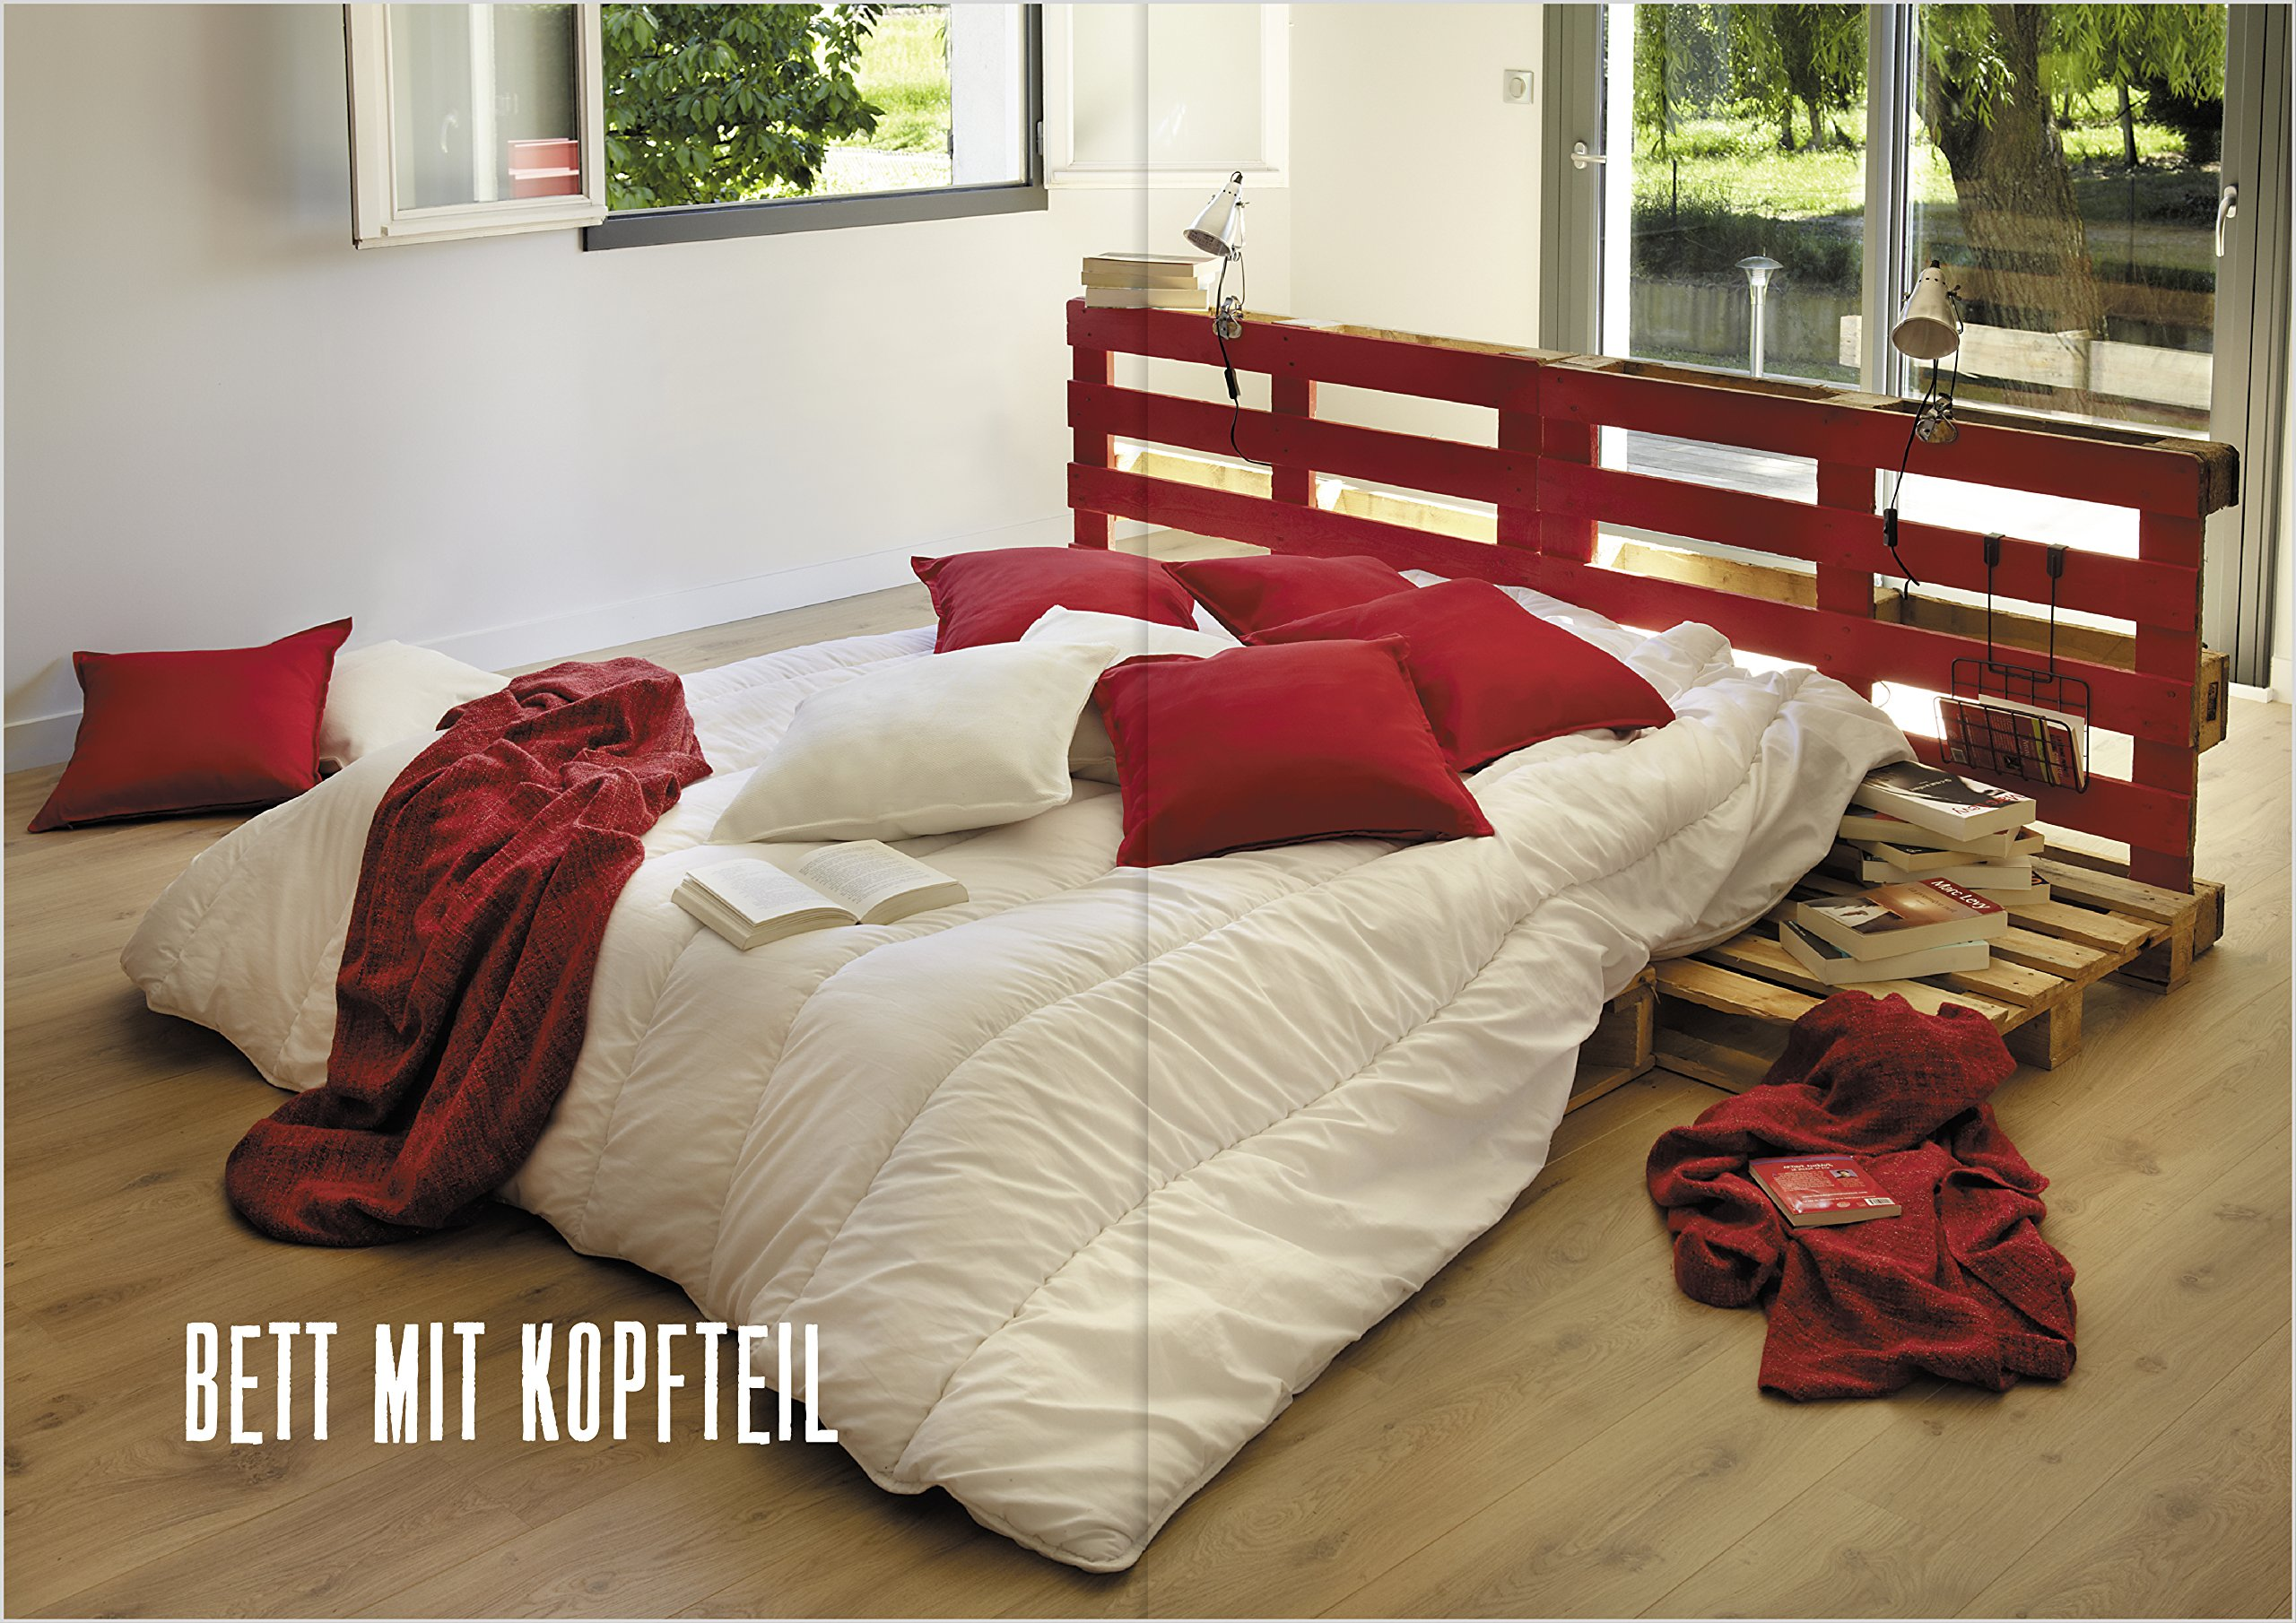 Astounding Holzpaletten Möbel Ideen Von Einfache Paletten-möbel Bauen: 18 Schritt-für-schritt-anleitungen Mit Handsäge,